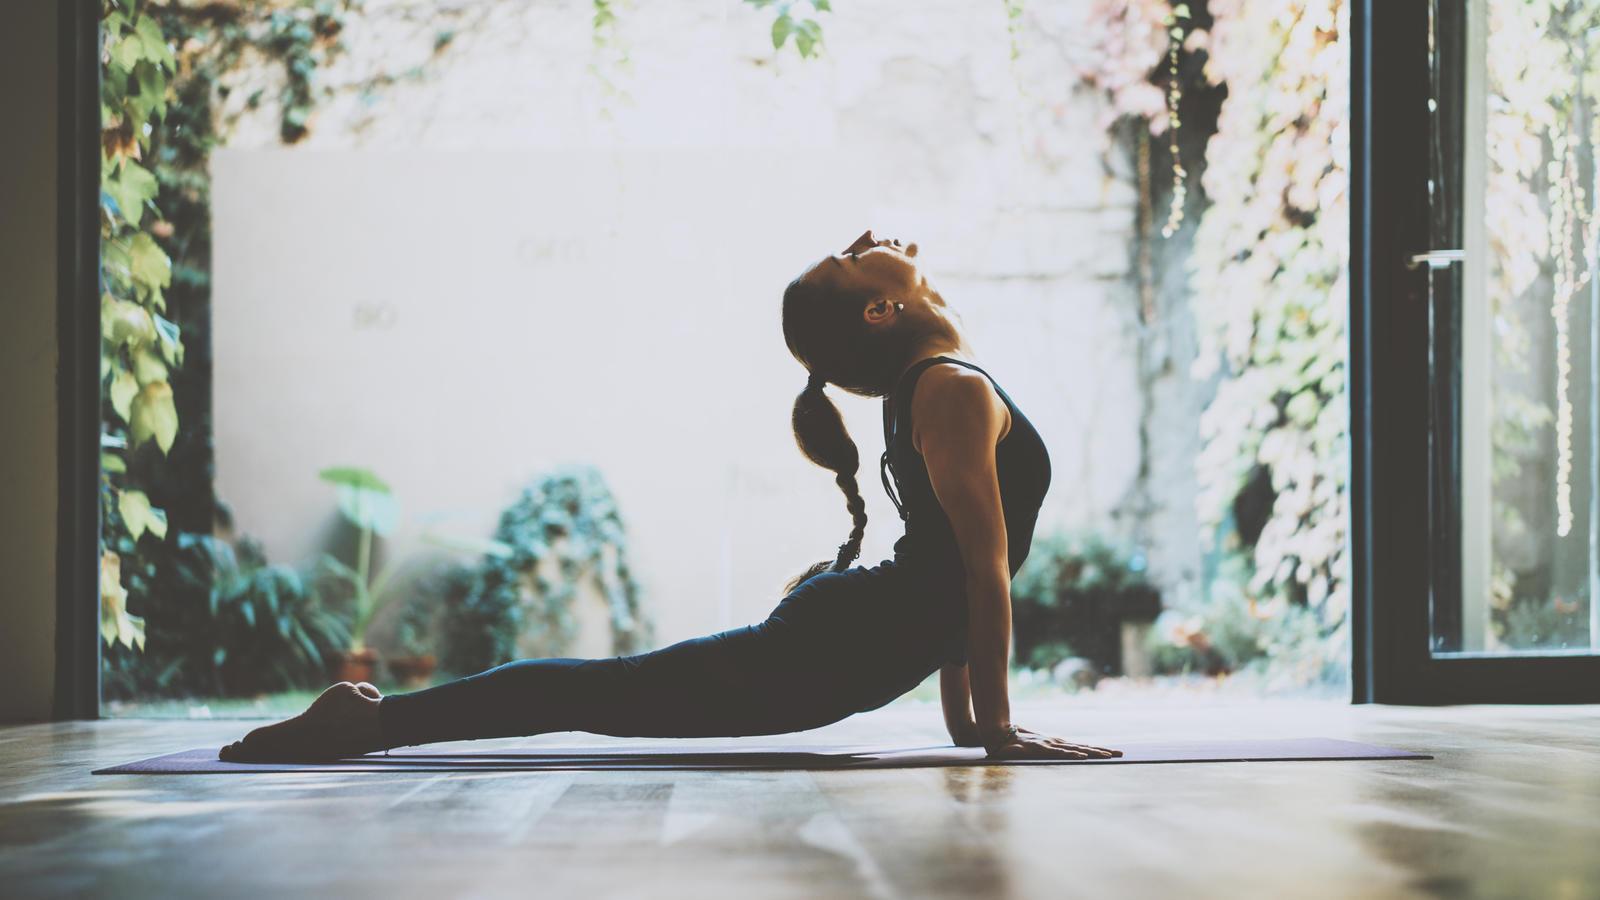 Eine perfekte Haltung – das kriegen Sie auch hin. Mit etwas Übung.